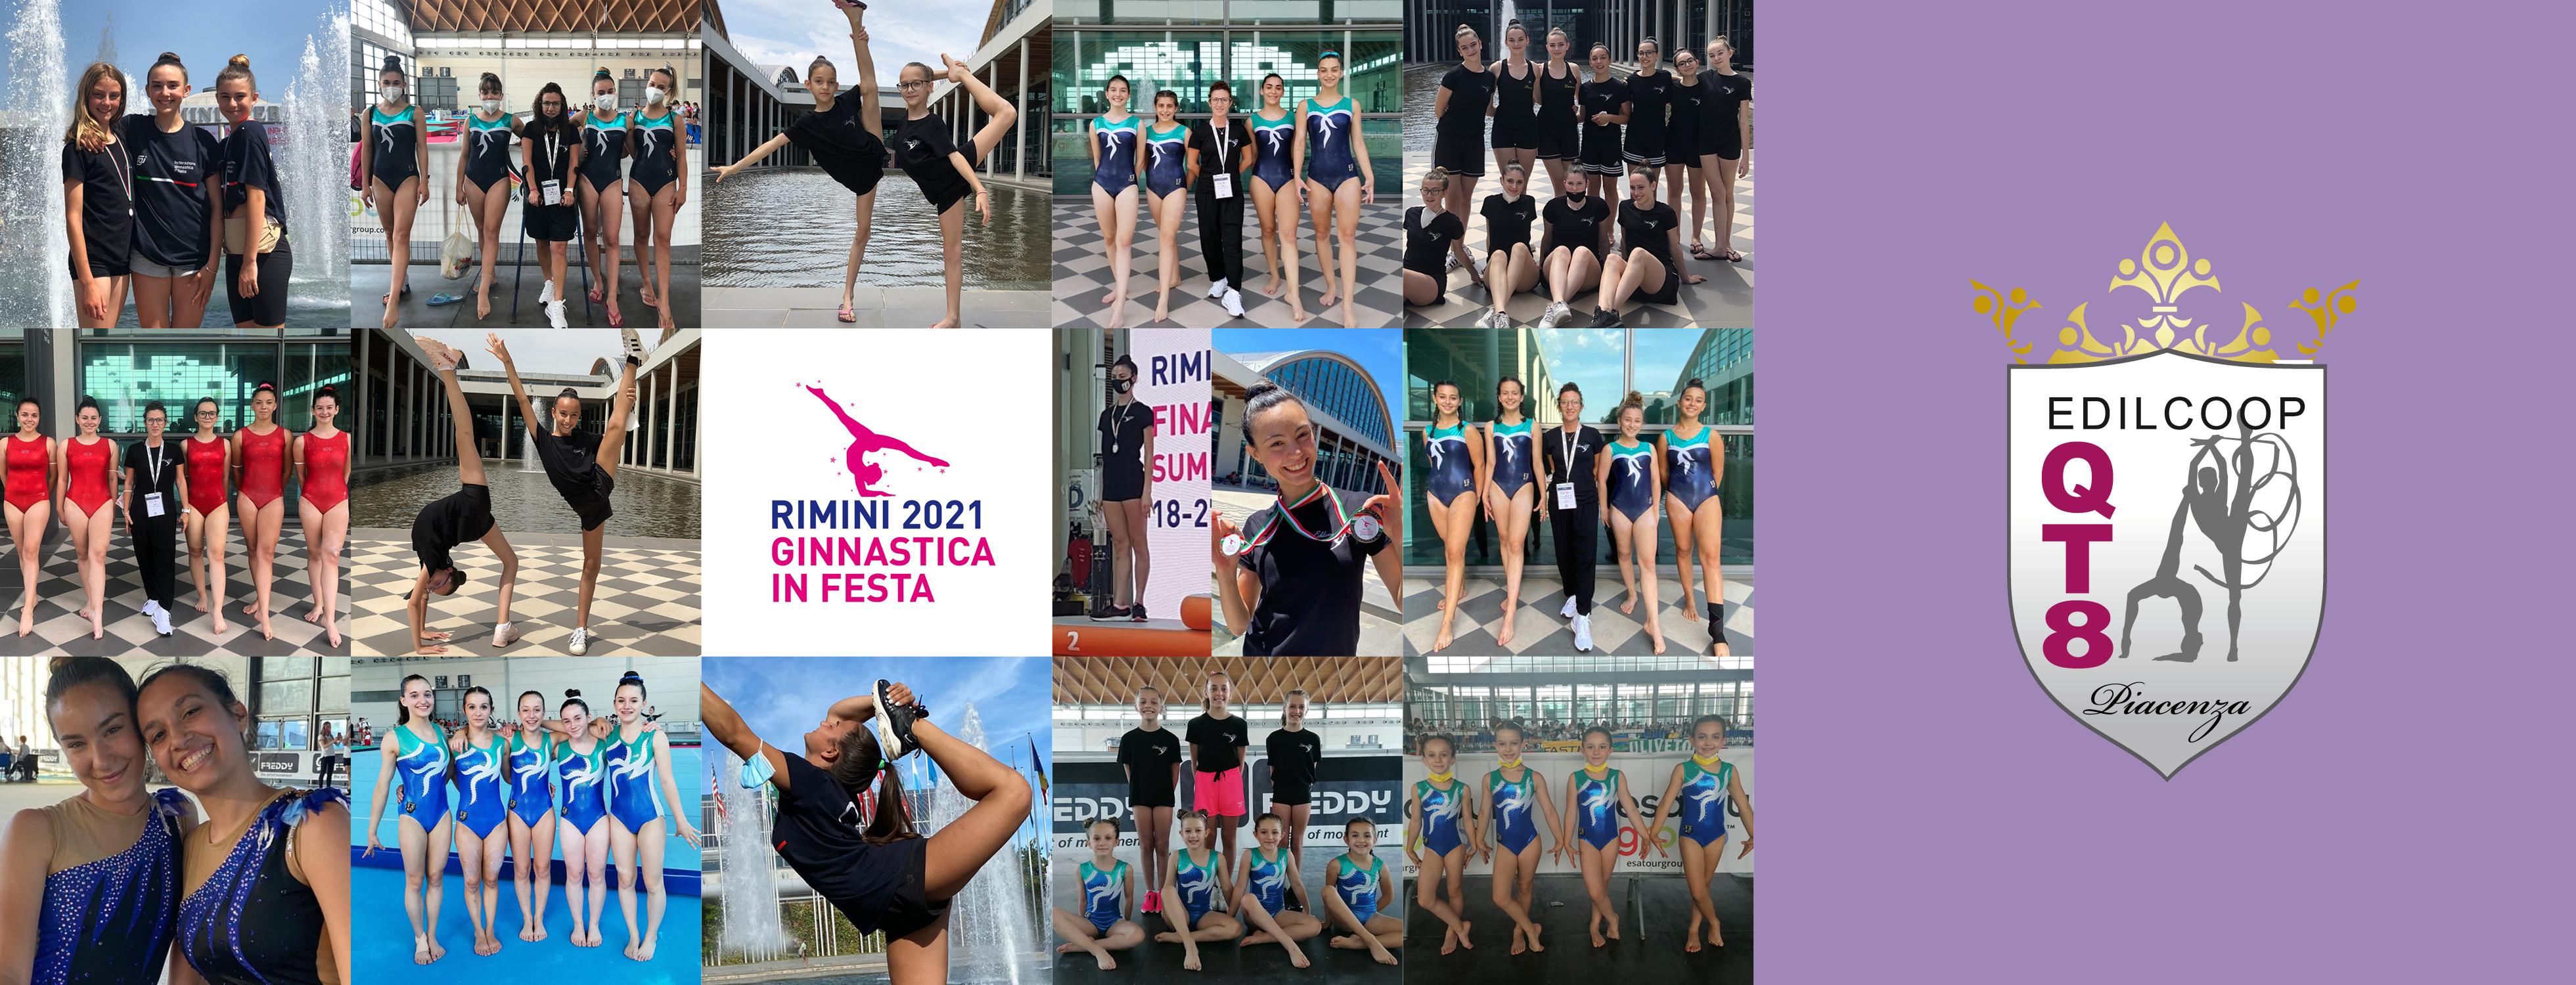 50 ginnaste dell'Edilcoop QT8 a Rimini per i campionati nazionali FGI